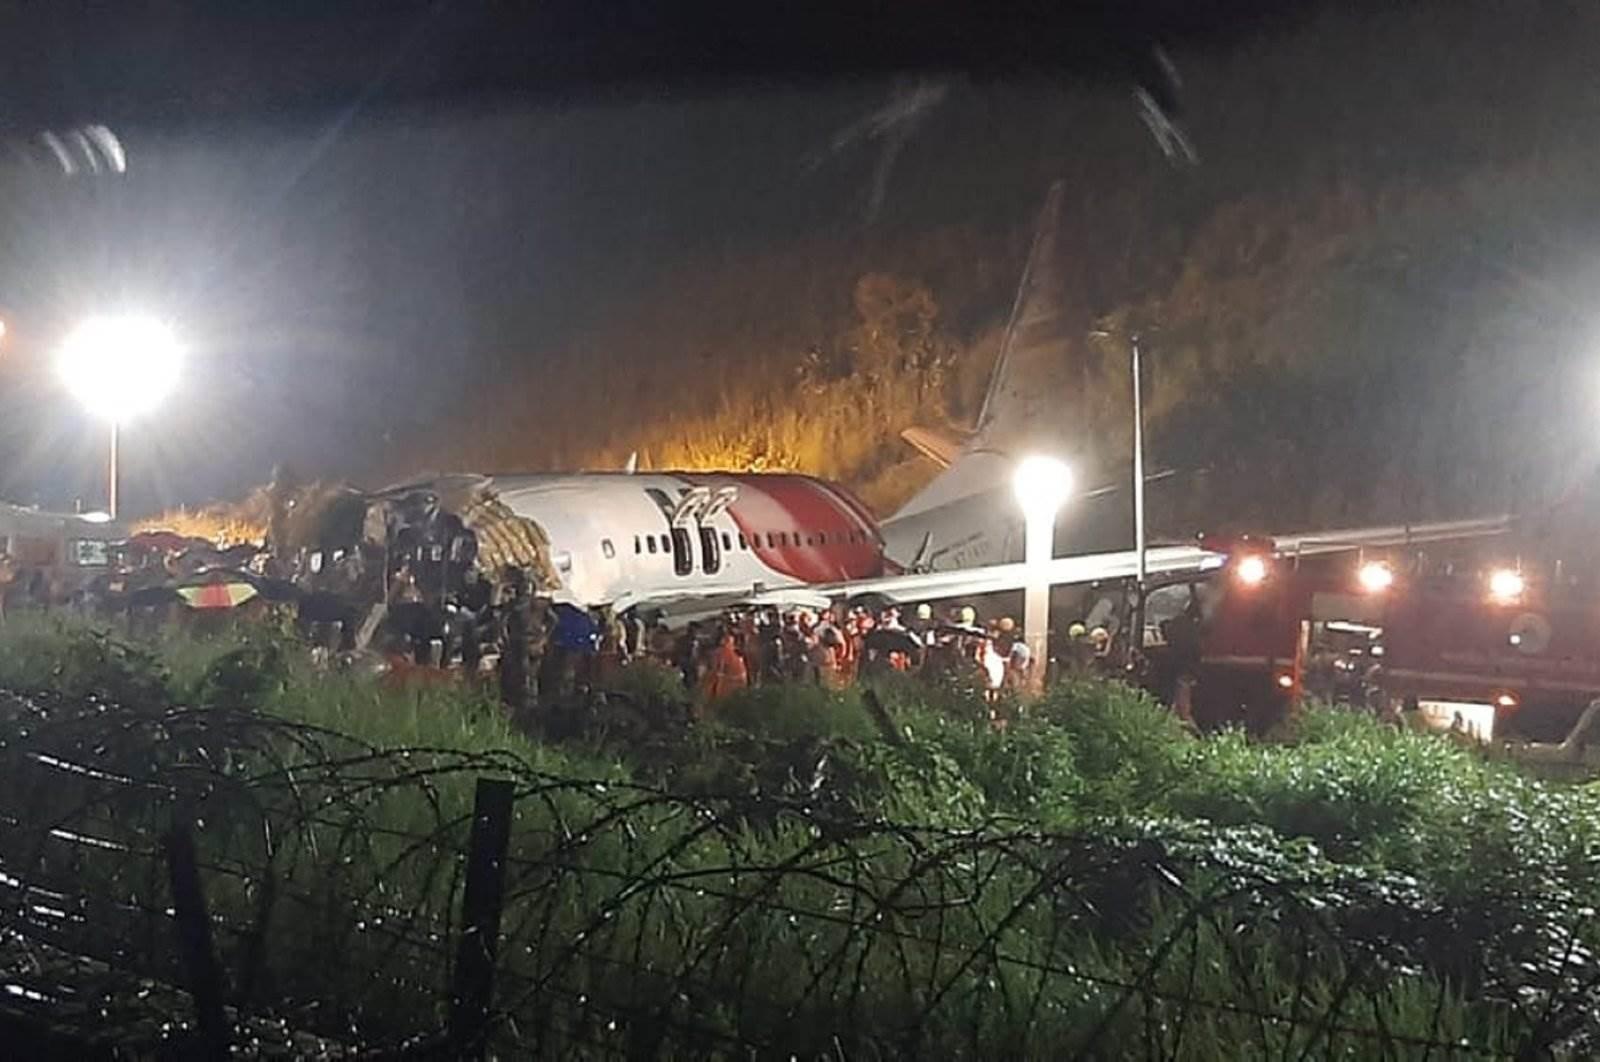 الطائرة الهندية كانت قادمة من دبي وعلى متنها 190 شخصاً